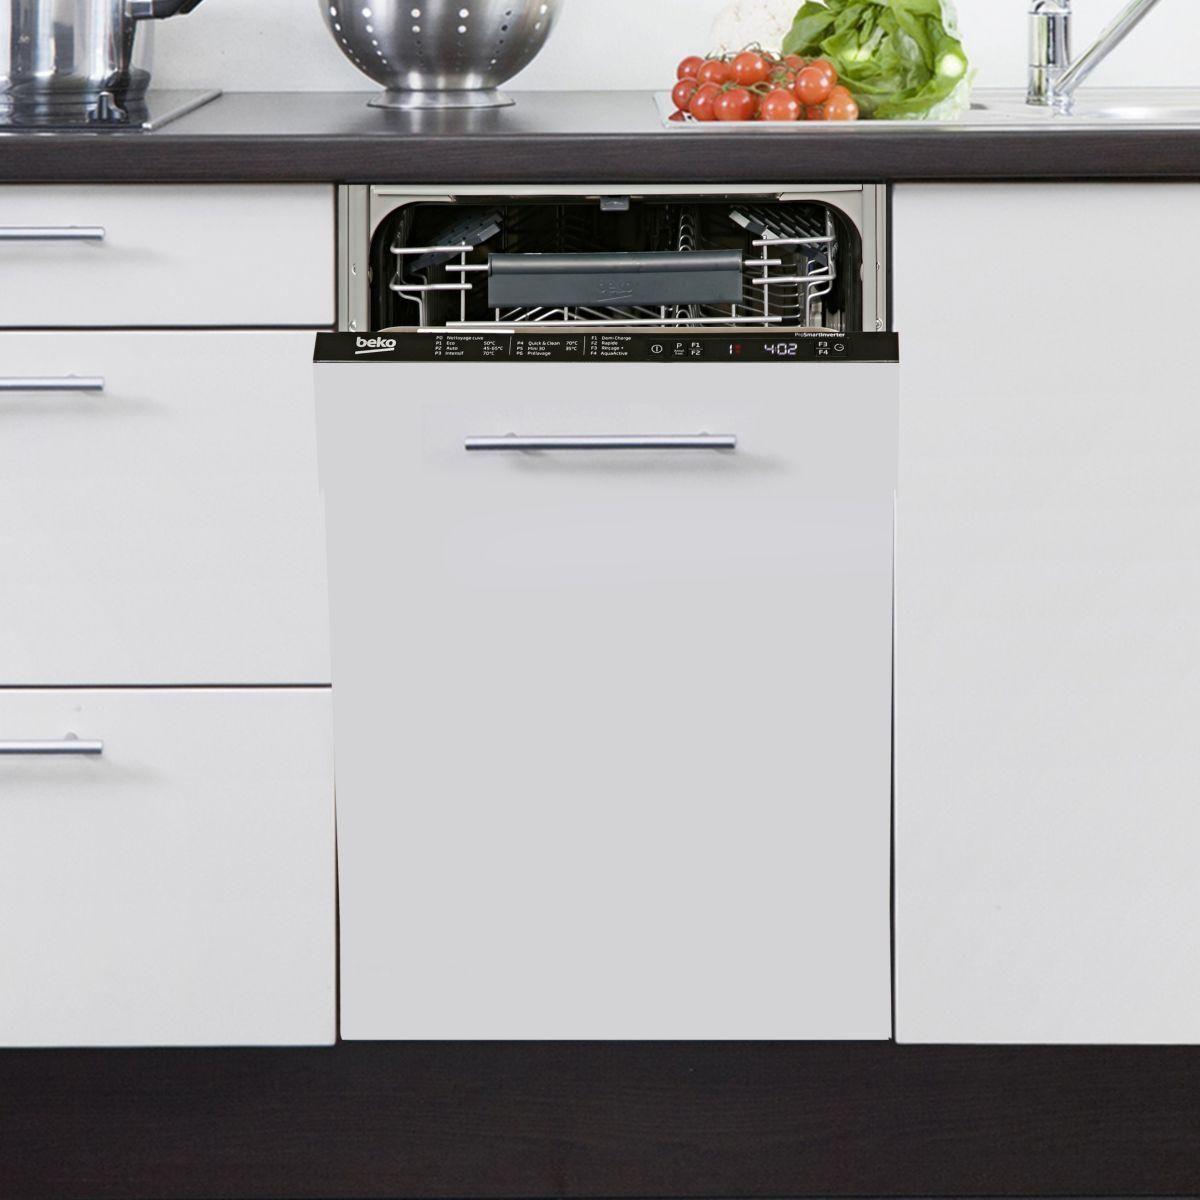 lave vaisselle tout integrable 45 cm beko pdis 26020. Black Bedroom Furniture Sets. Home Design Ideas